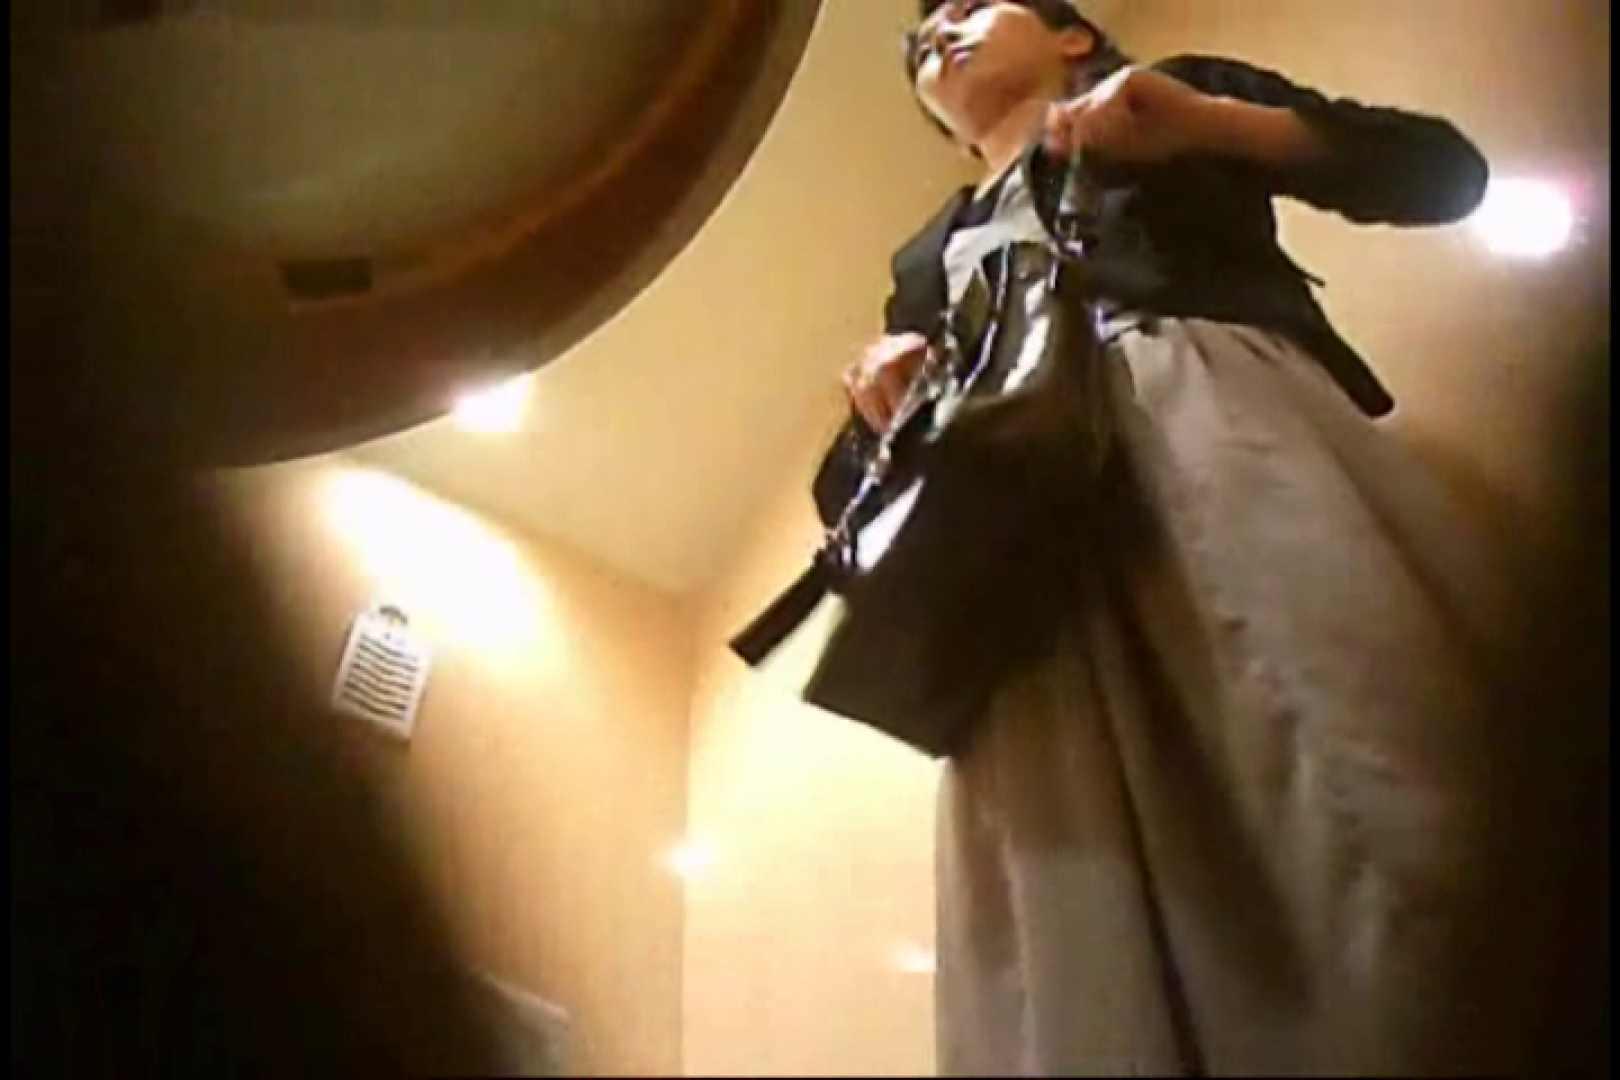 潜入!!女子化粧室盗撮~絶対見られたくない時間~vo,104 熟女 AV動画キャプチャ 56画像 39